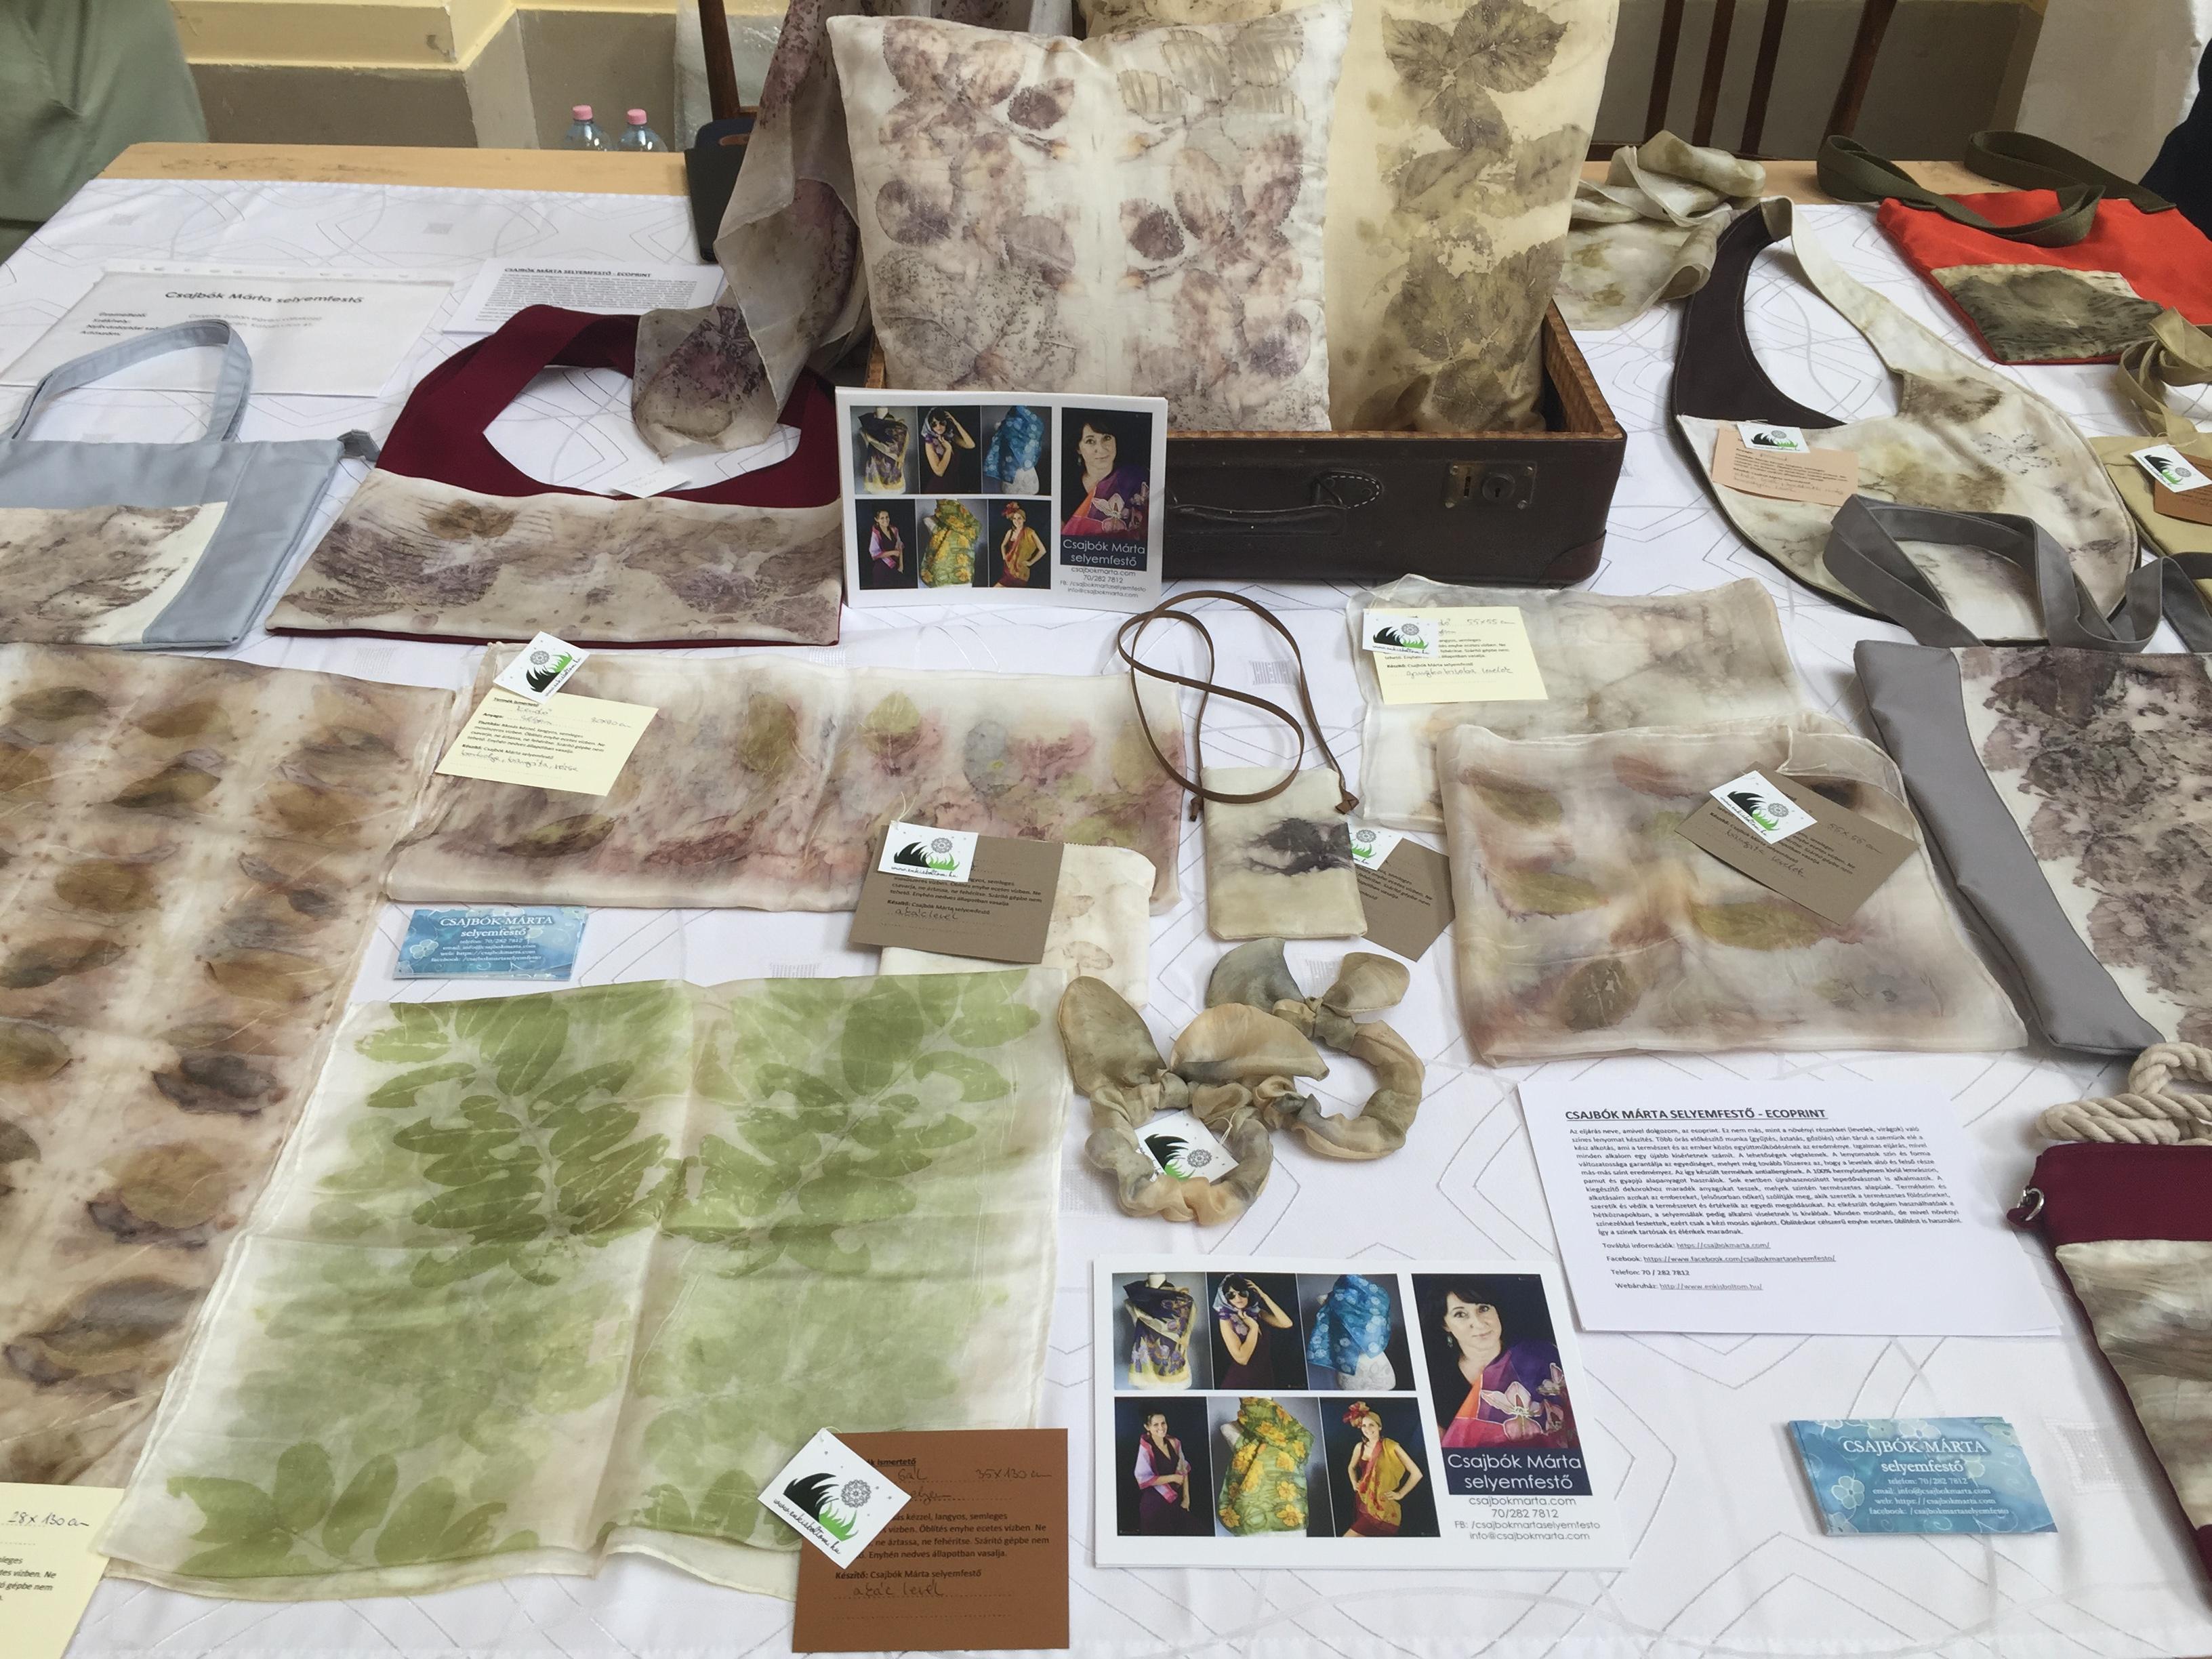 Csajbók Márta selyemfestő ecoprint termékei a CSAK Design vásáron